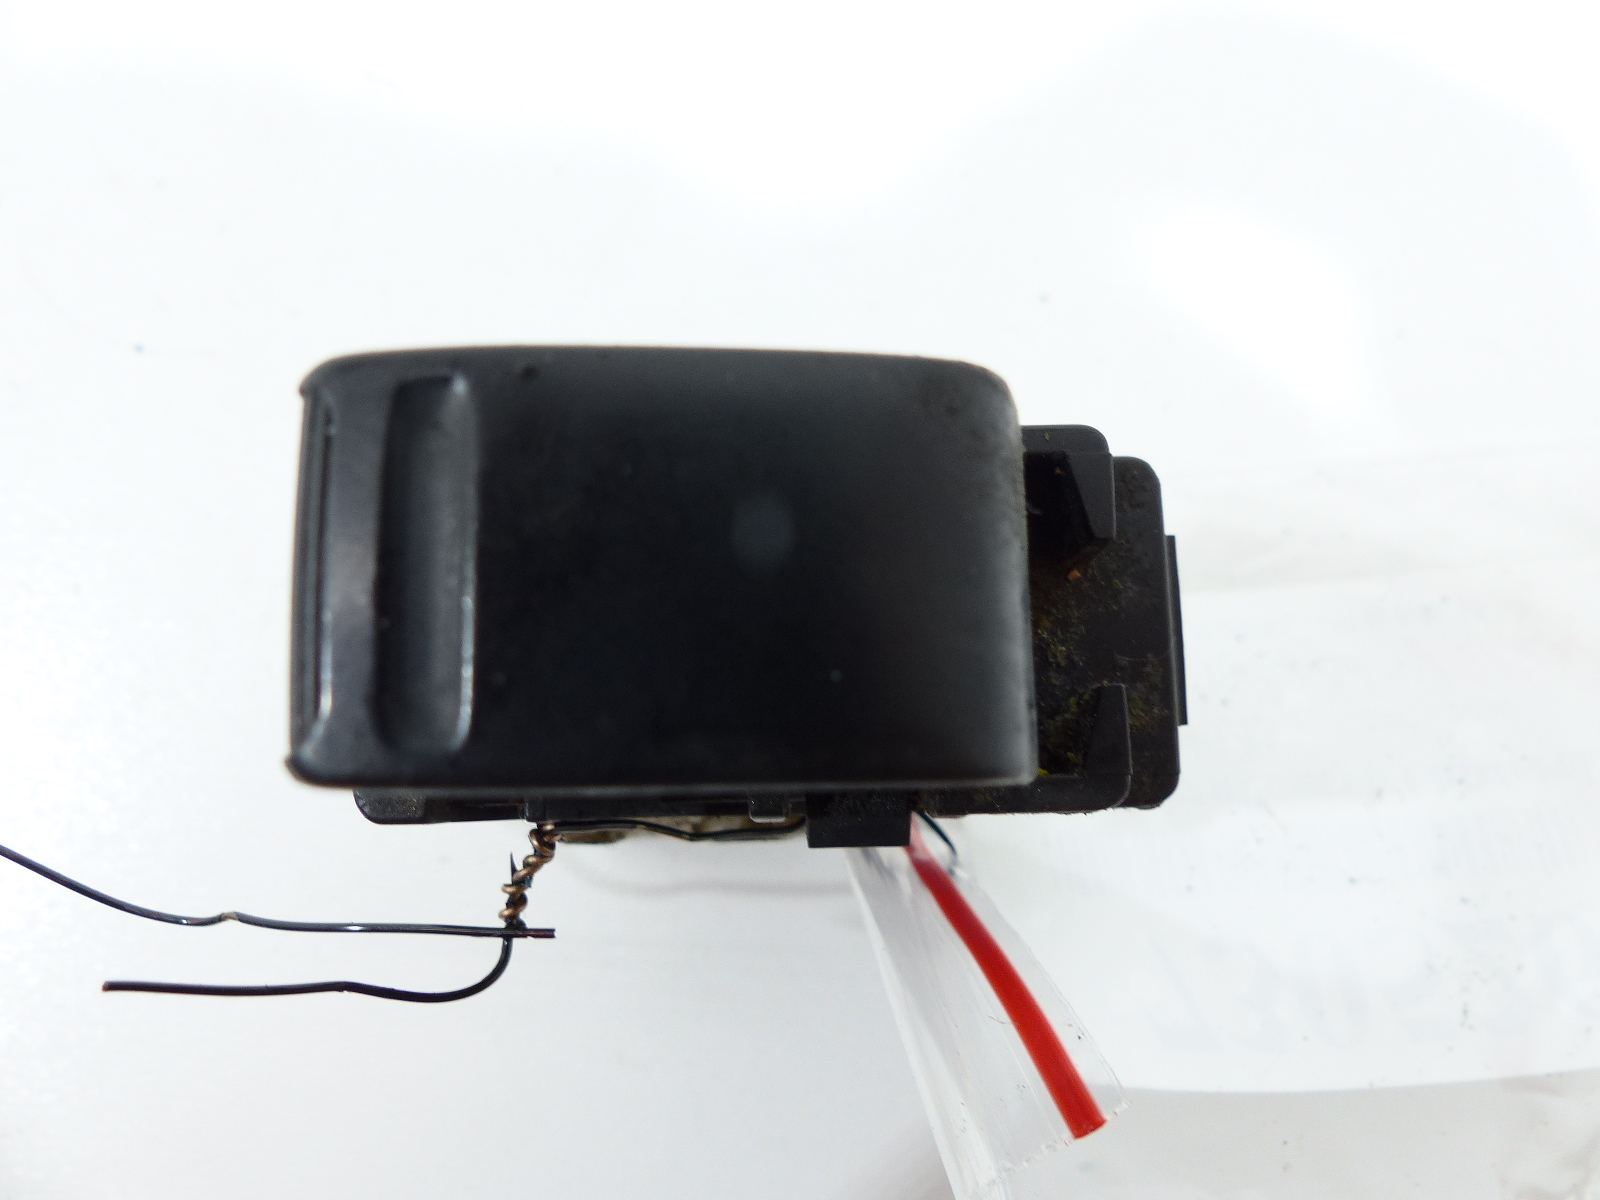 infiniti i35 02-04 переключатель стекла